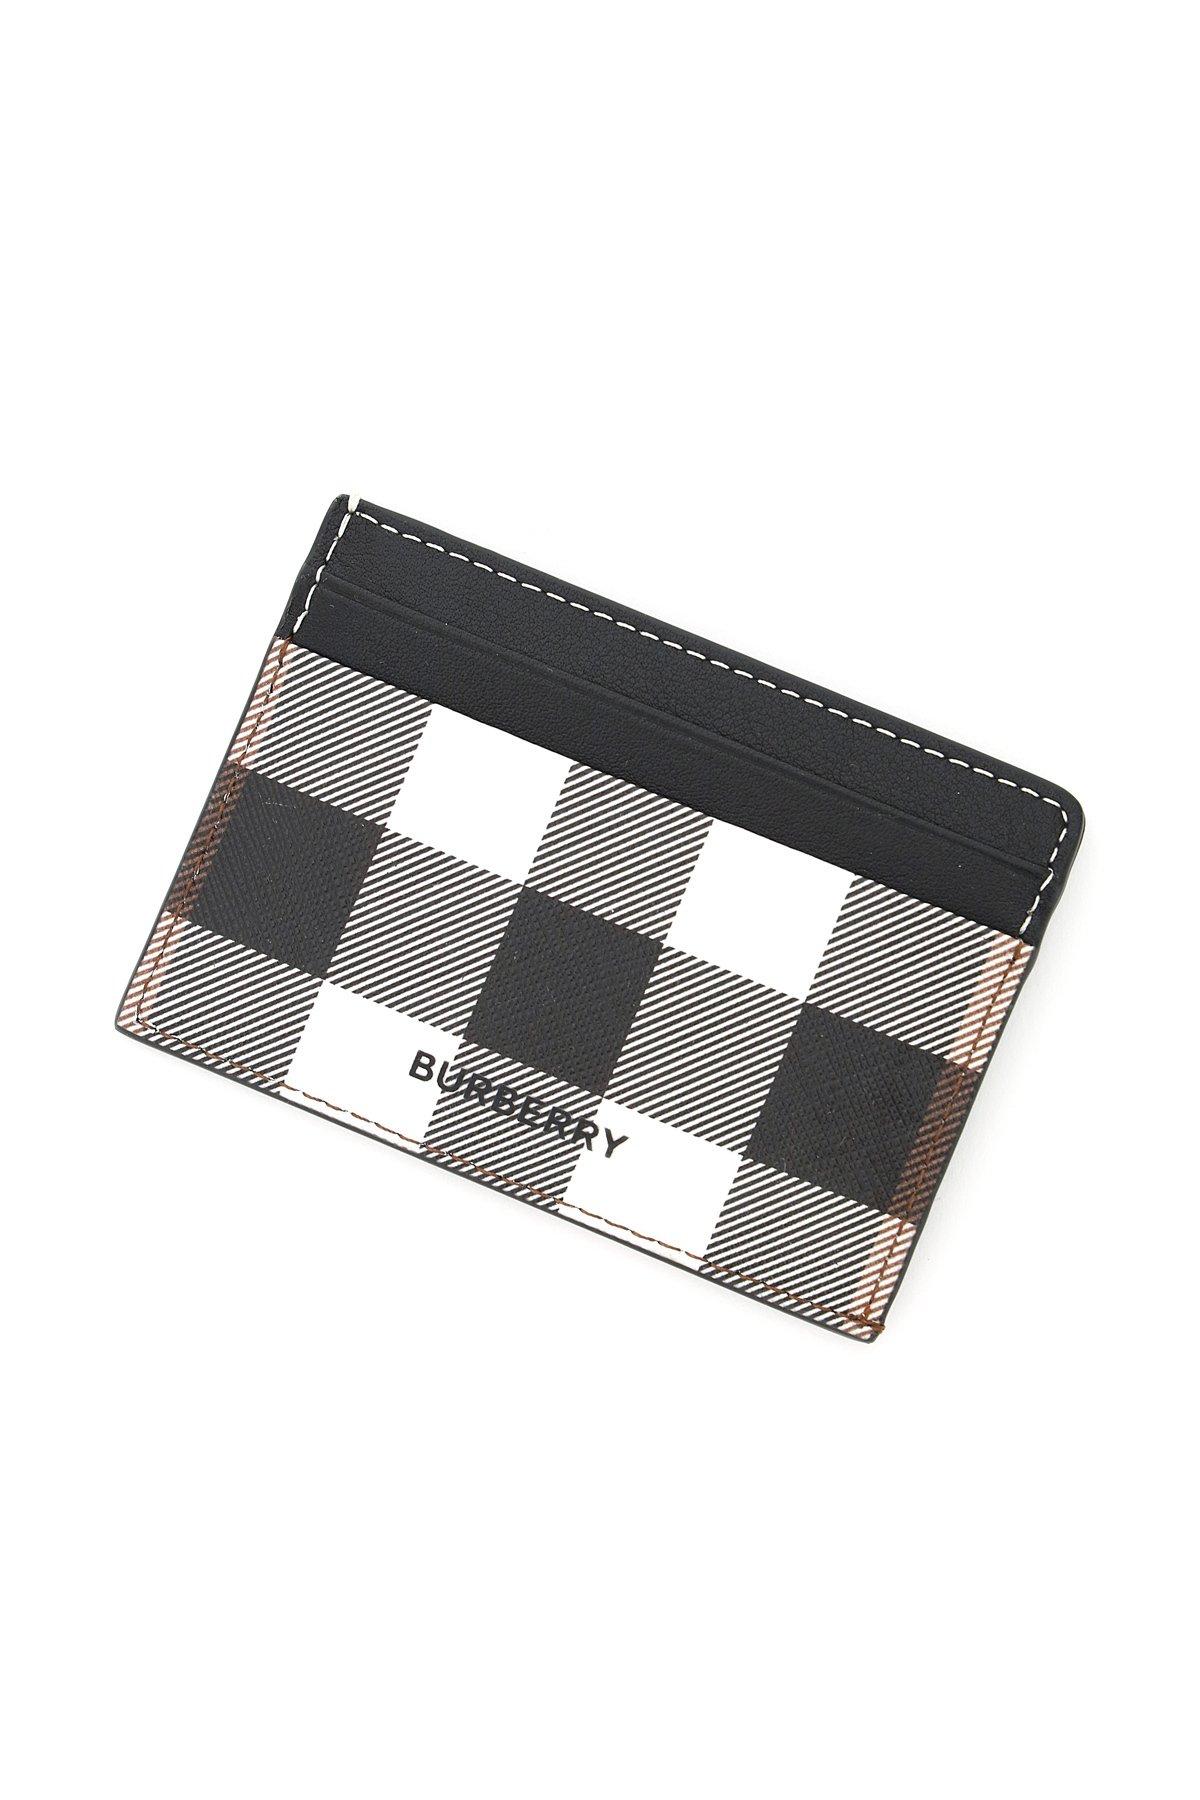 Burberry porta carte di credito in e-canvas